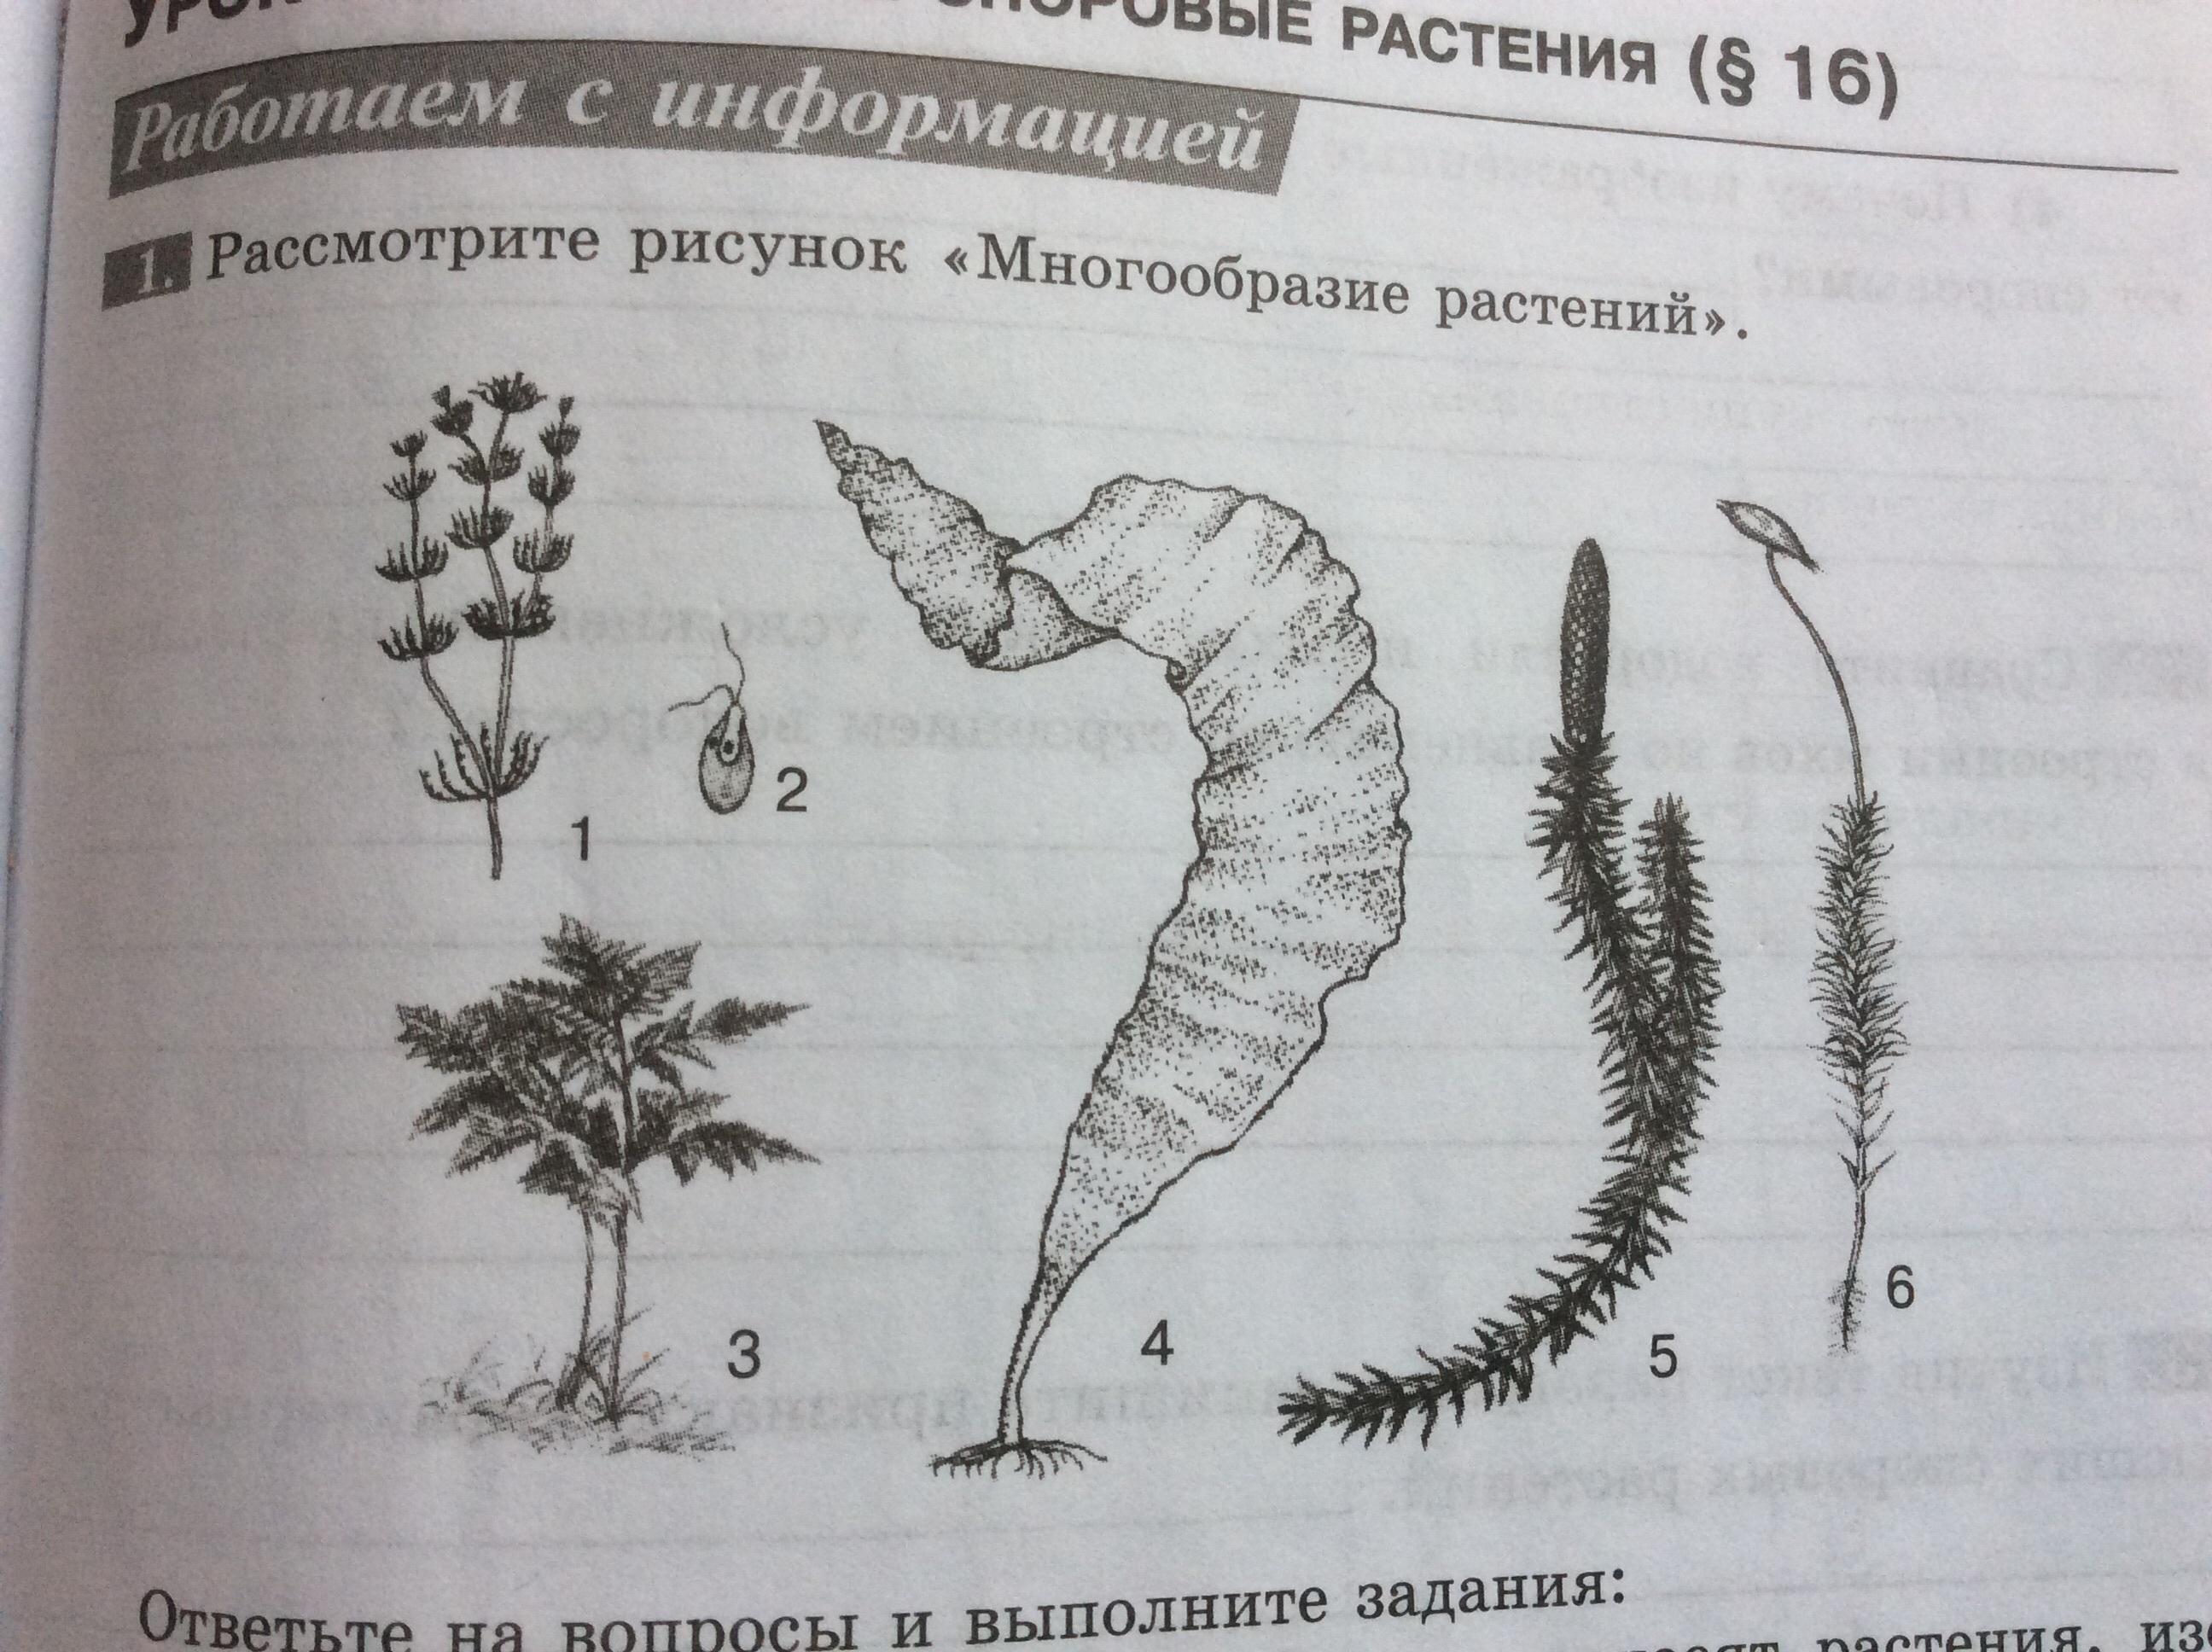 Даю 20 балловПомогите пожалуйста, биология 5 класс1 - картинка, 2 - заданиеСрочно?